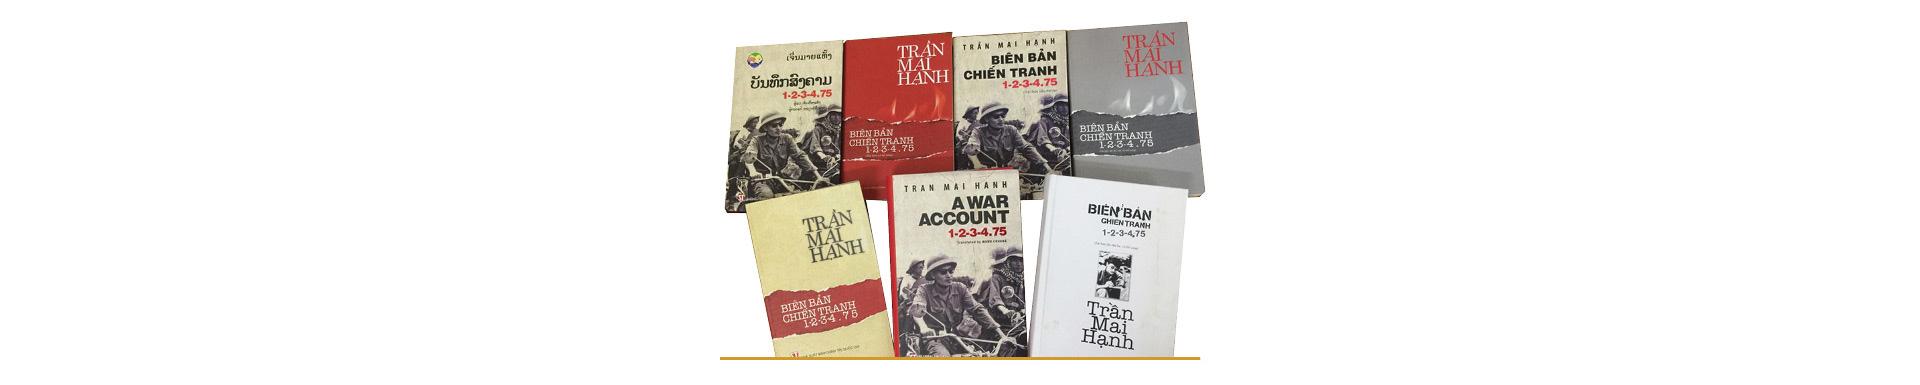 Trần Mai Hạnh: Những tai họa khôn lường và câu chuyện về chiếc ba lô thấm máu đồng đội (Kỳ cuối) - Ảnh 17.